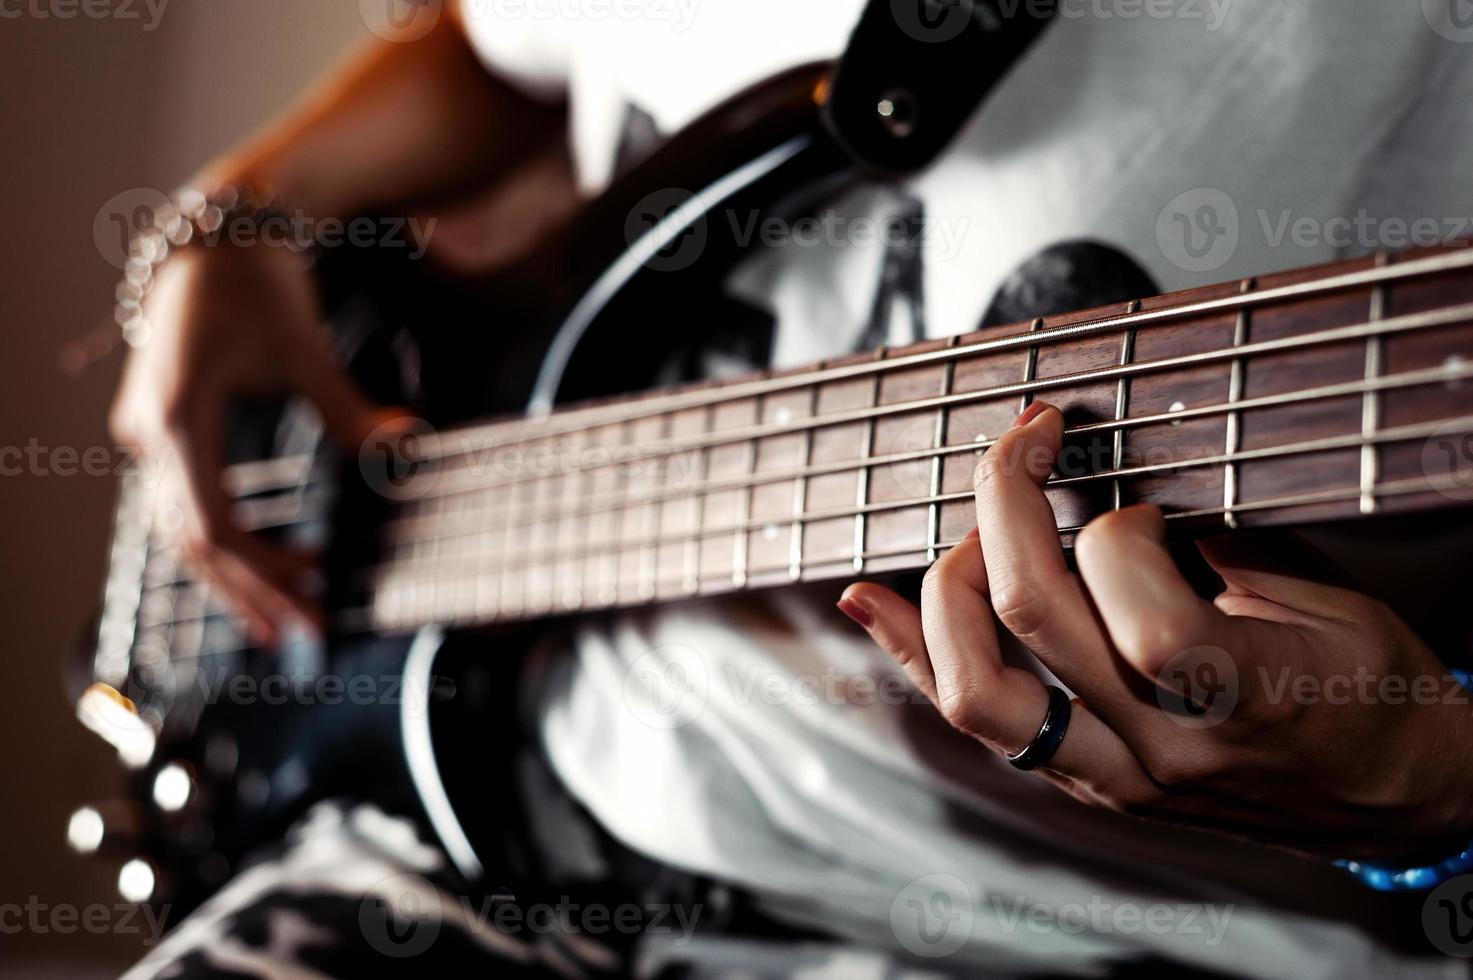 menselijke hand genomen akkoord op elektrische basgitaar toets close-up foto